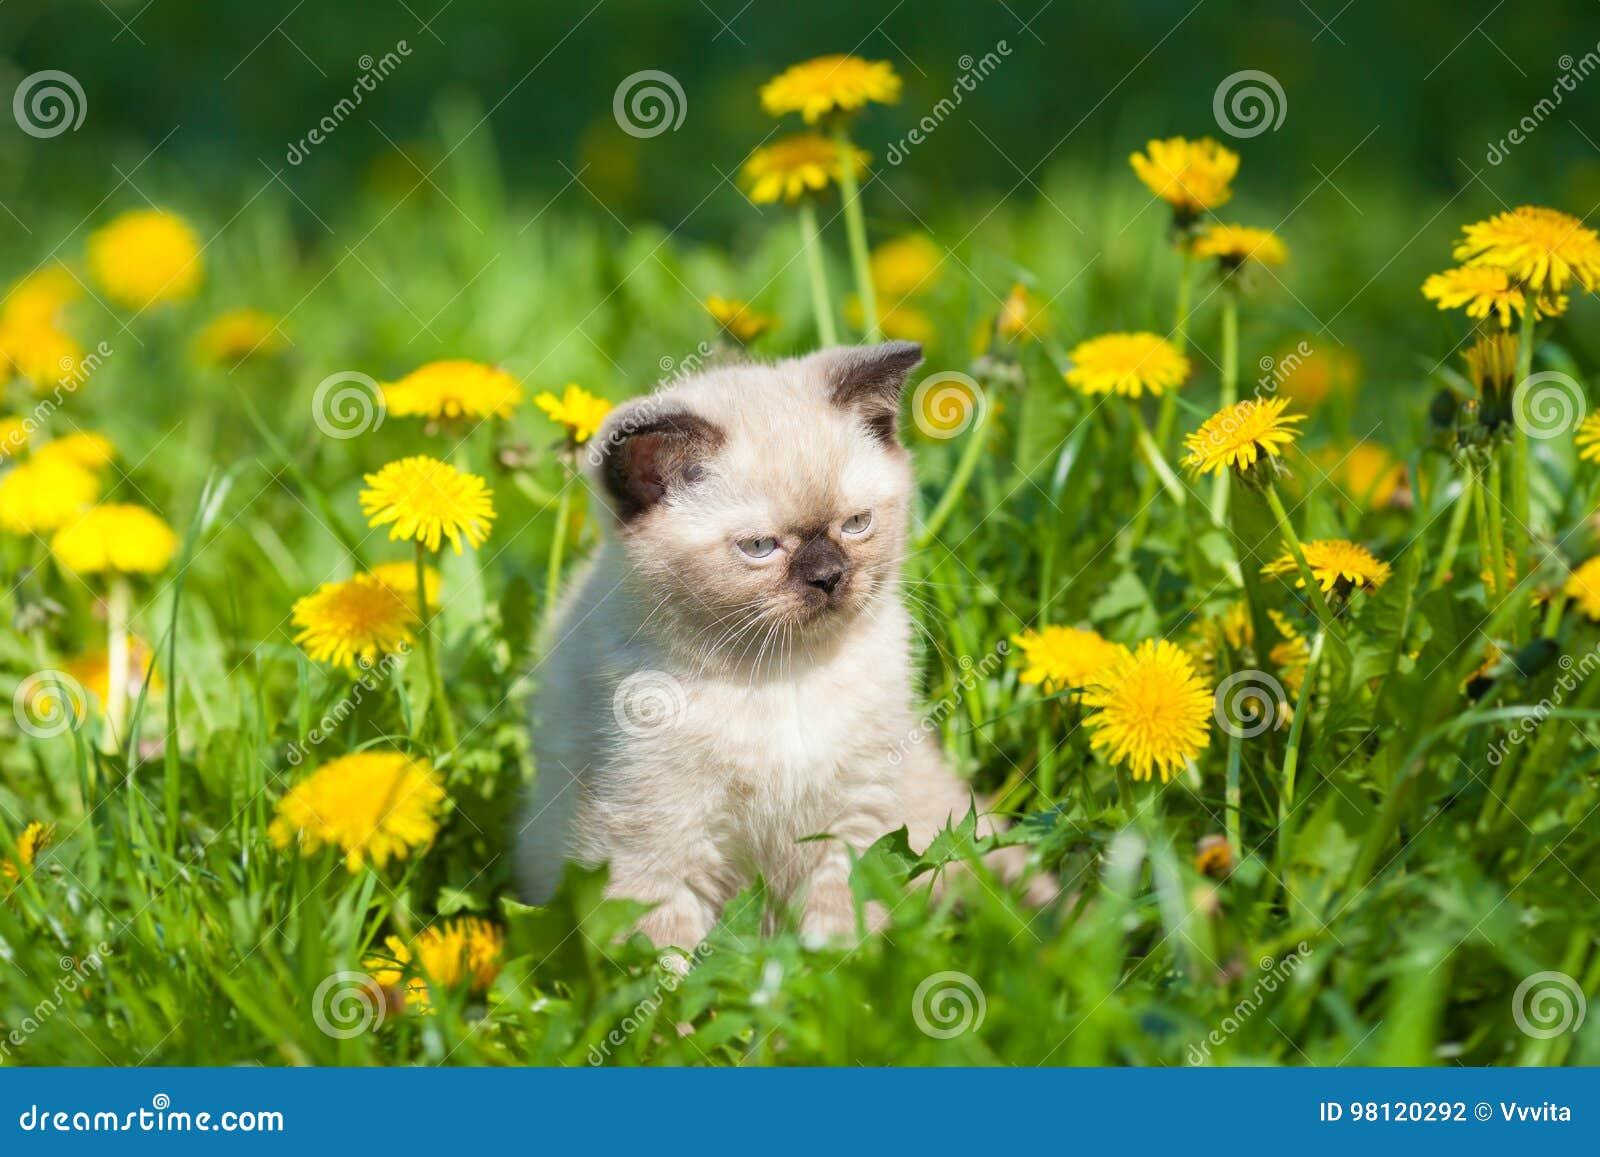 Kitten walking in dandelion lawn